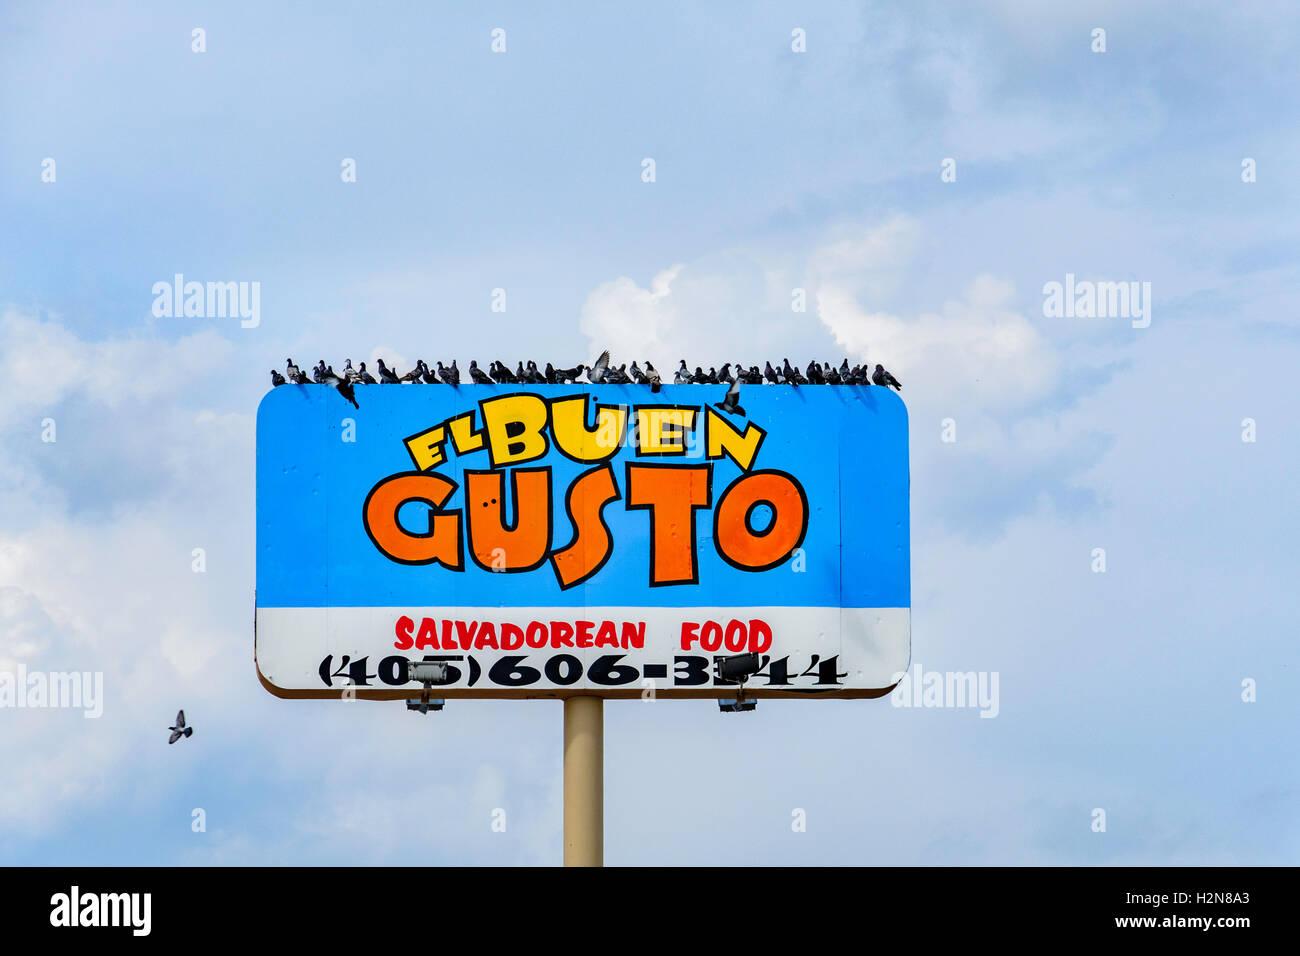 Tauben oder Rock Tauben, Columba Livia, strömen auf das Pol-Zeichen von El Buen Gusto, 2116 SW 74, Oklahoma Stockbild